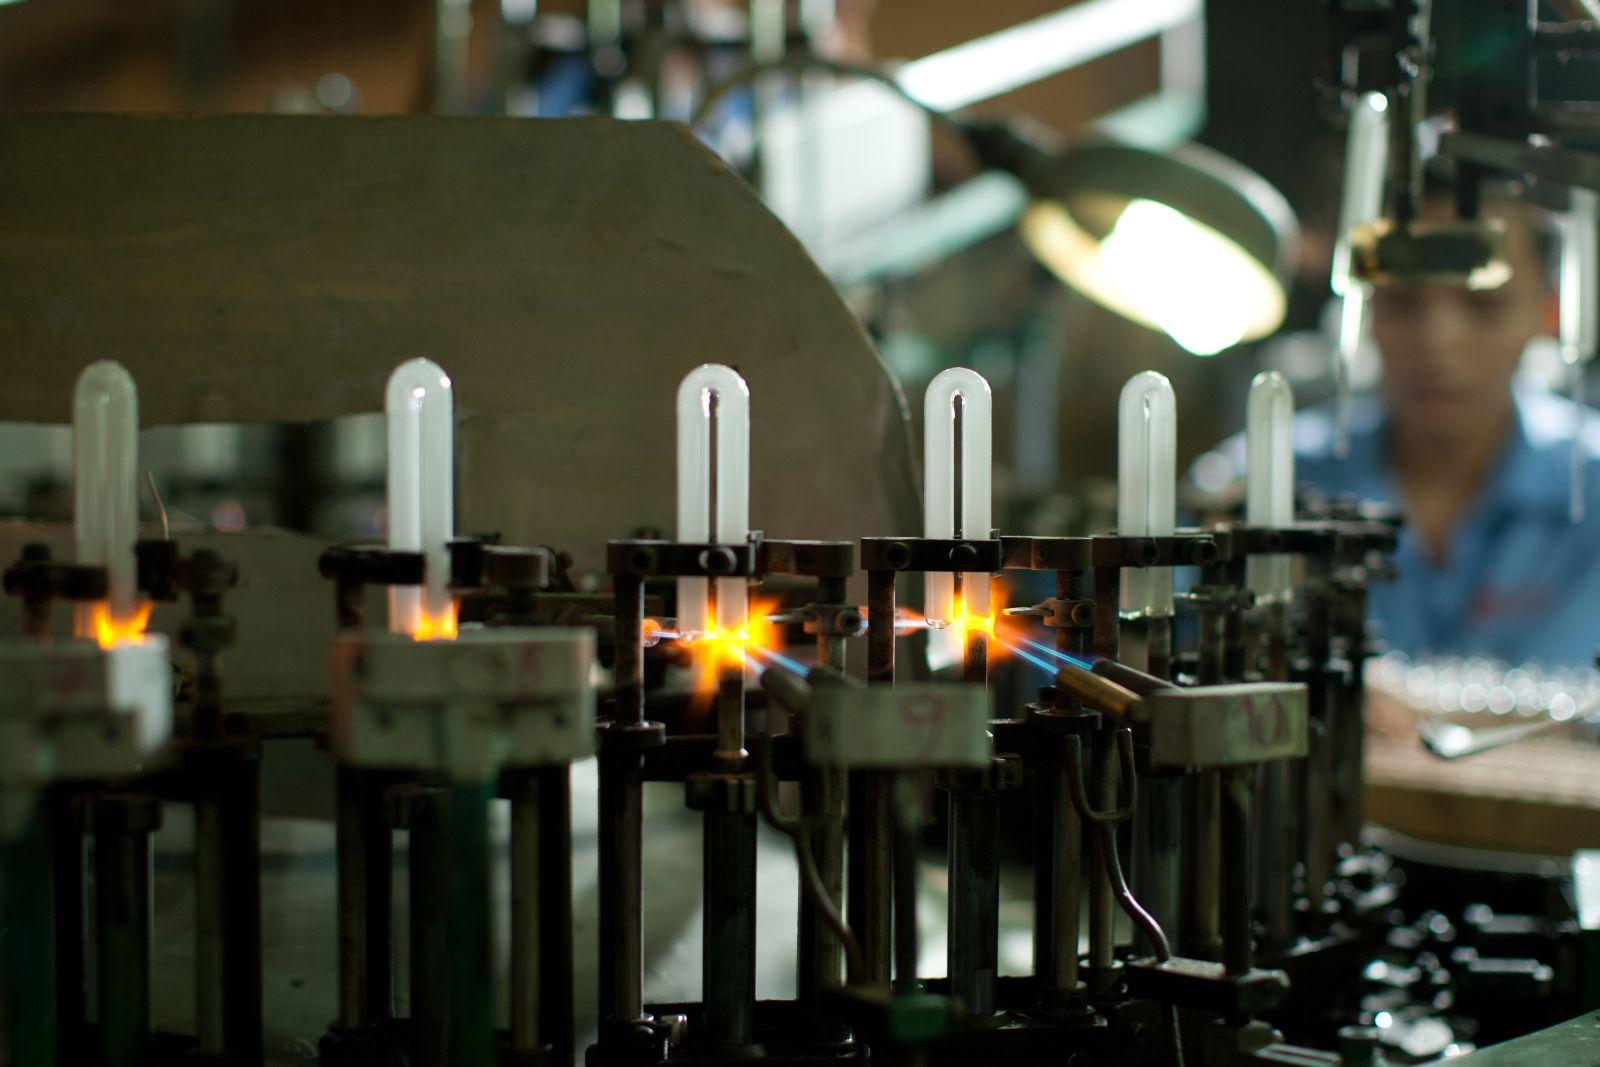 Bóng đèn Phích nước Rạng Đông báo lãi quý II tăng 42%